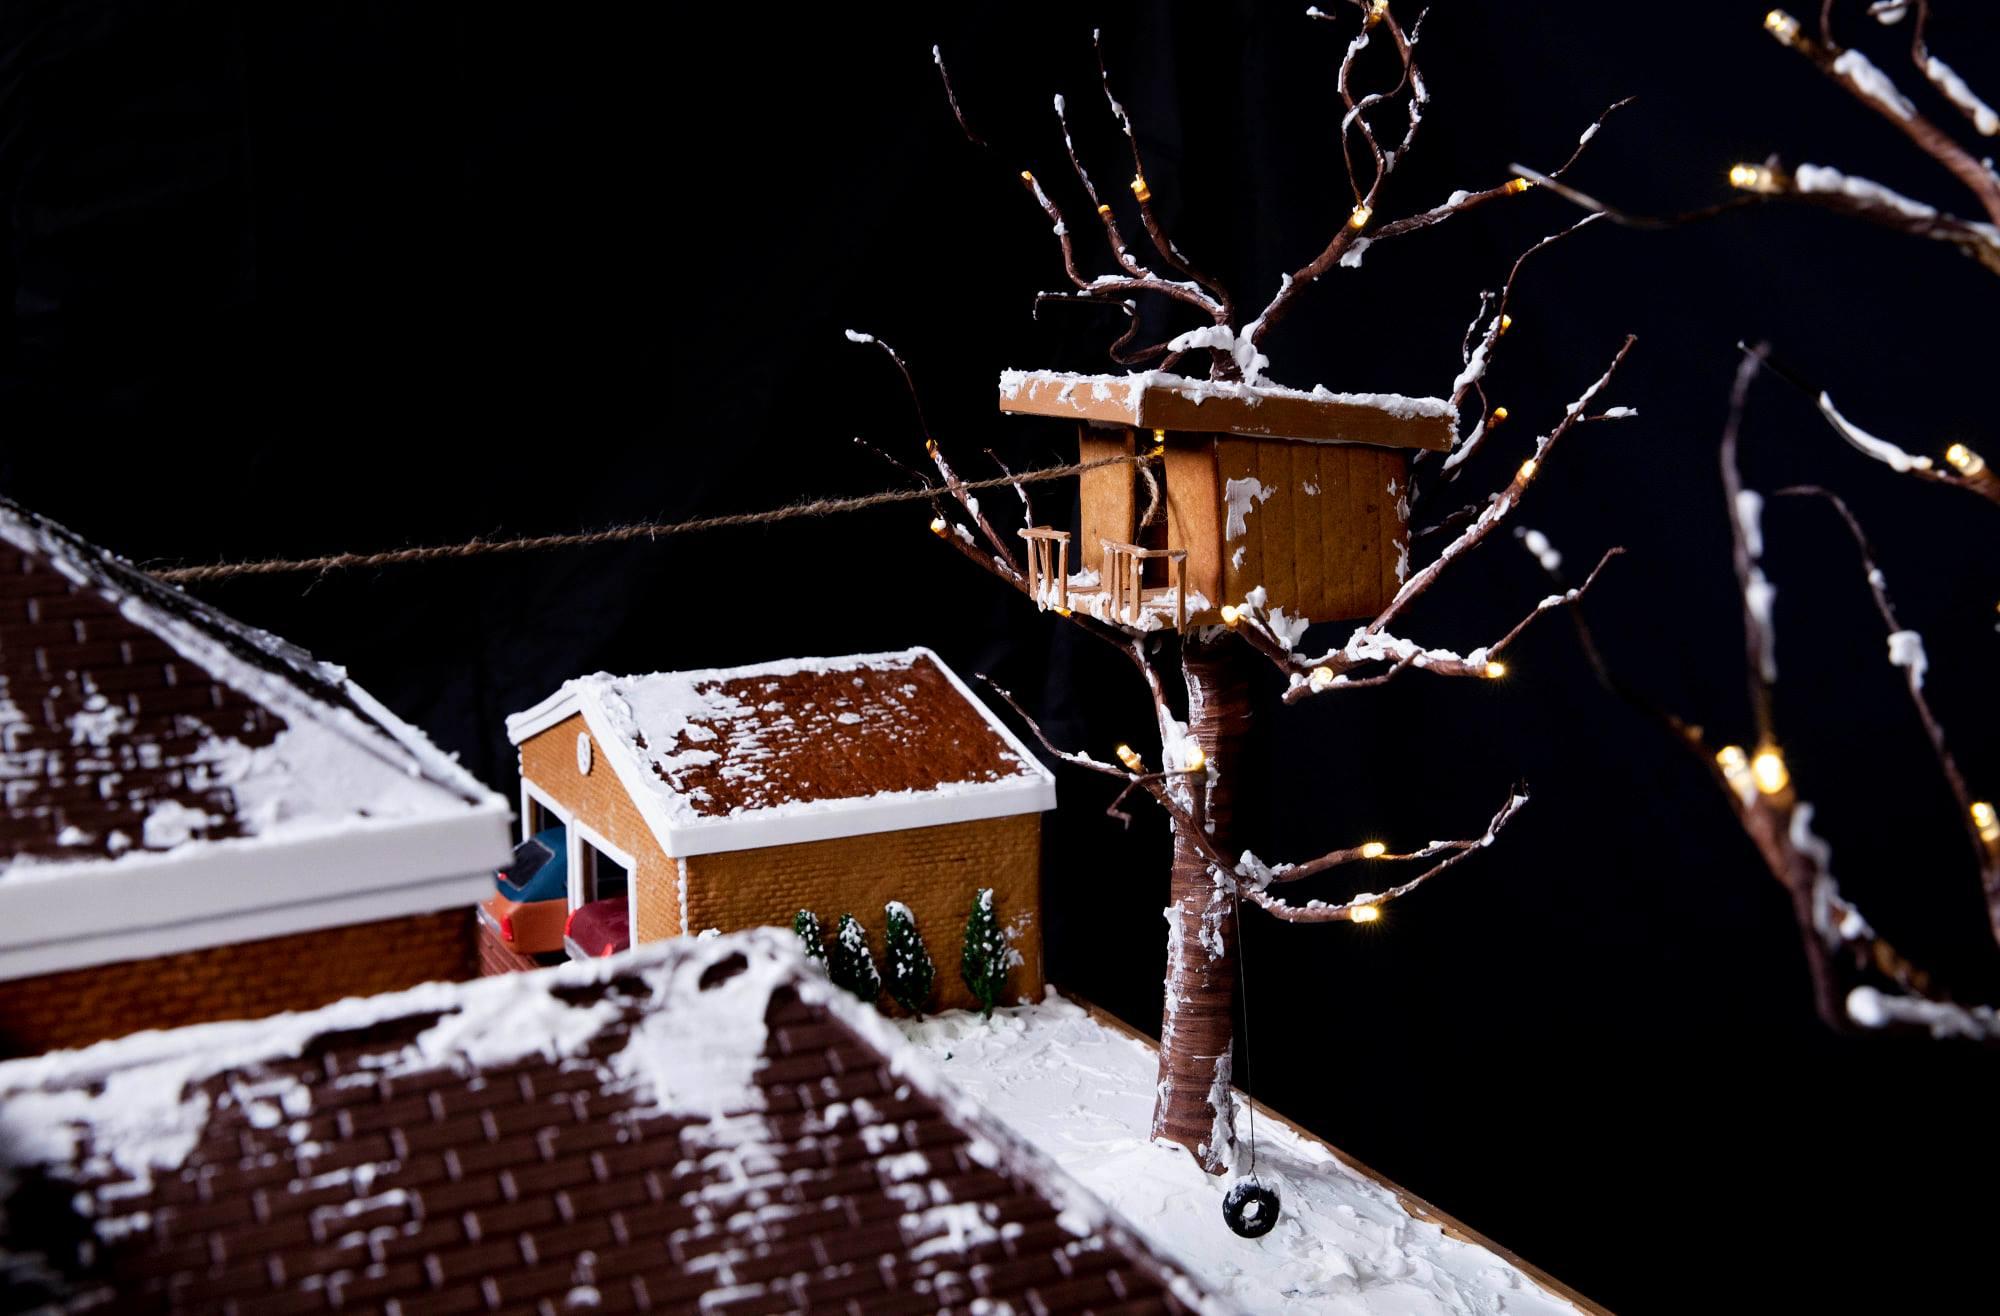 Соцсети в восторге: к юбилею фильма «Один дома» создали невероятный подарок